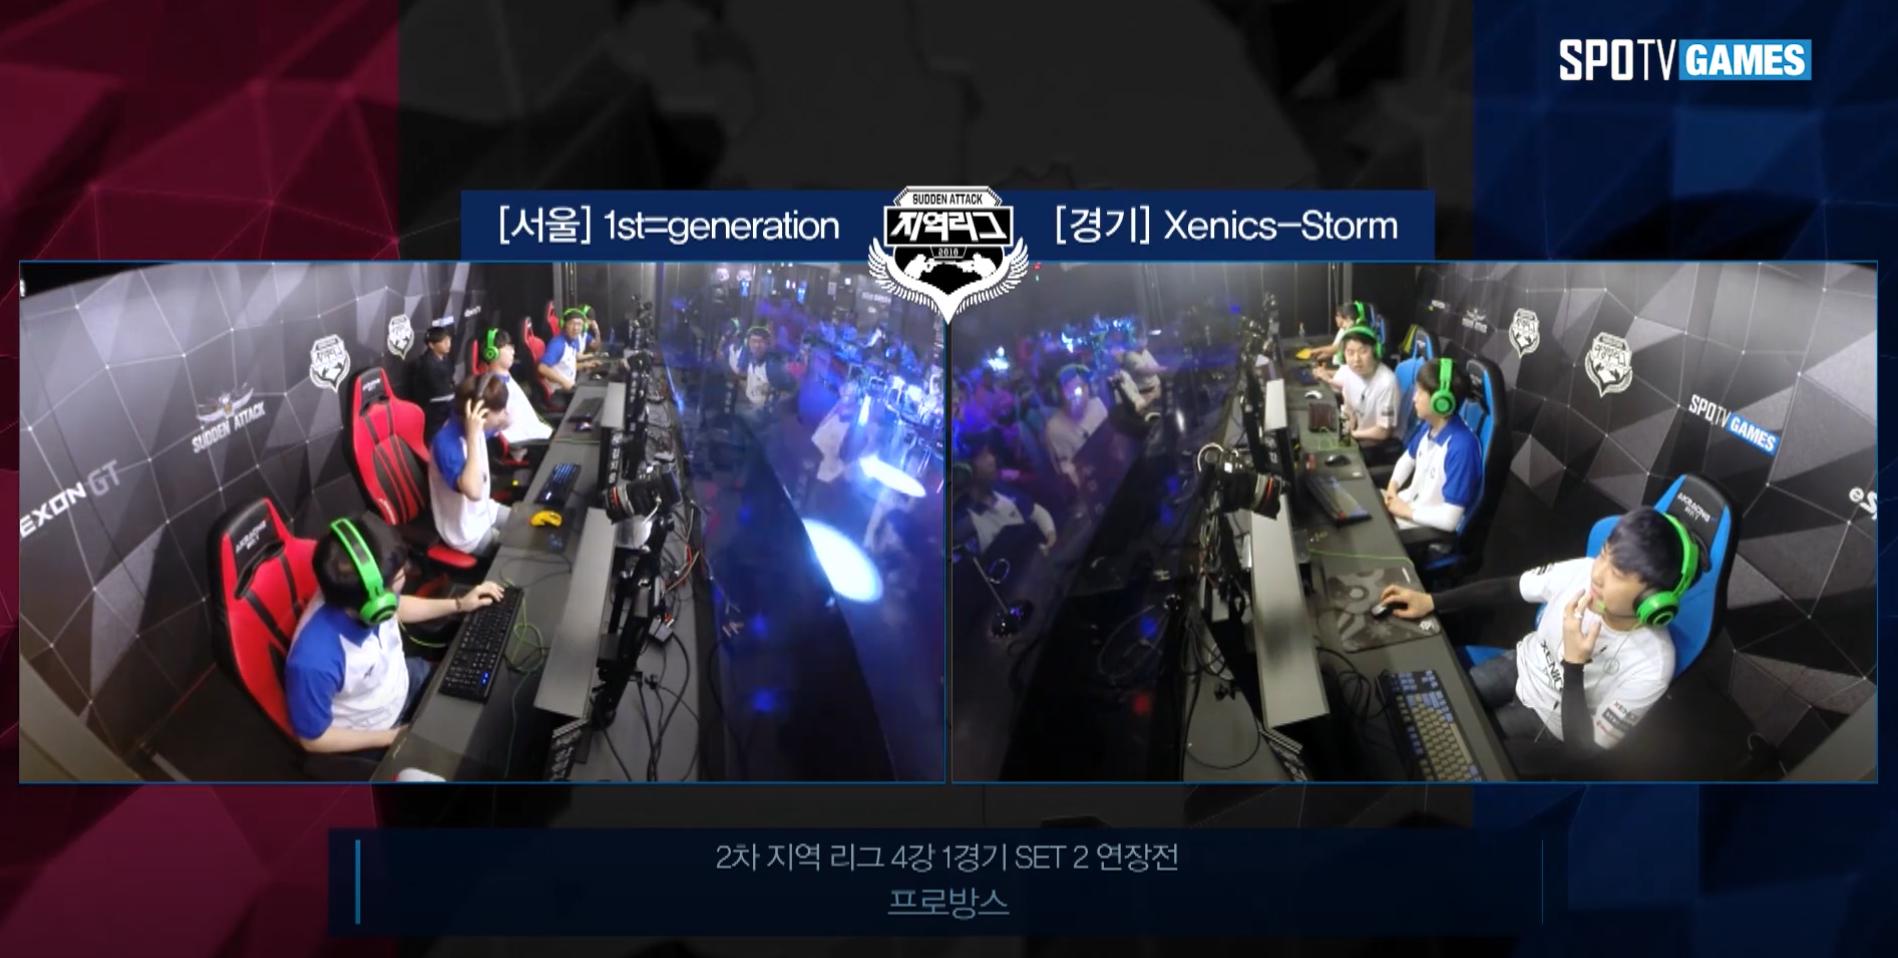 [서울] 1st=generation vs [경기] Xenics-Storm (데저트2/프로방스/샐리엄)